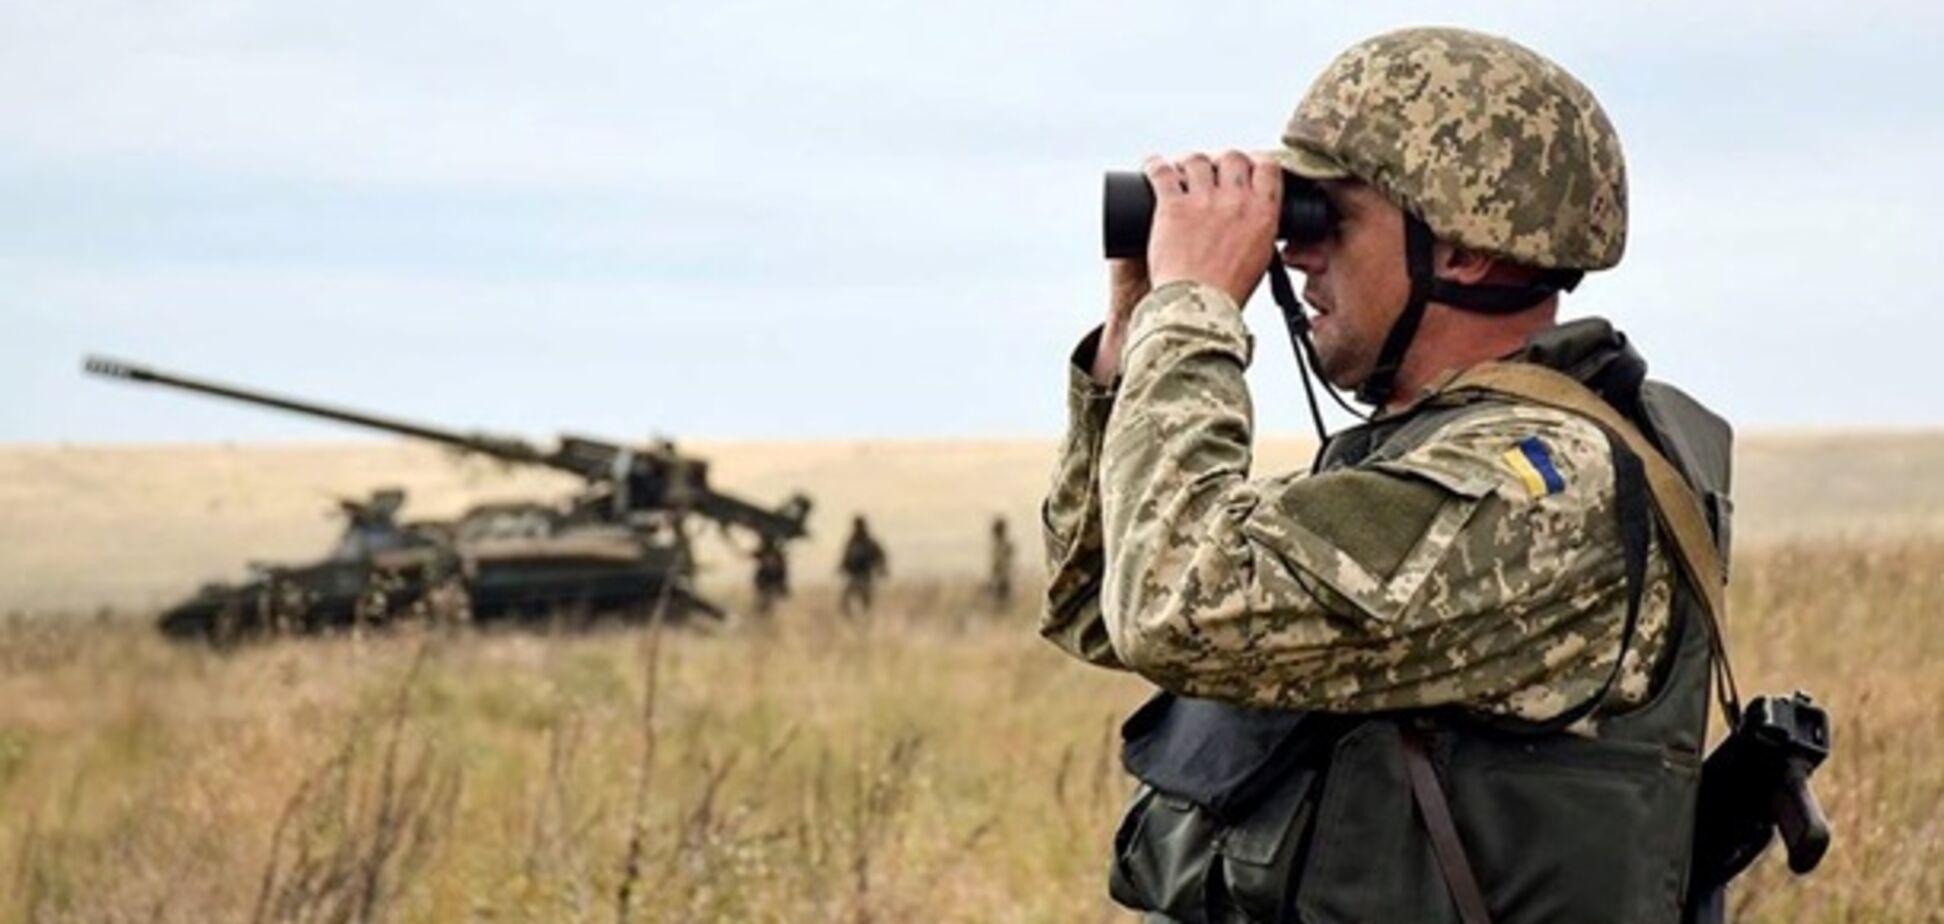 Зеленский дал главнокомандующему ВСУ новые полномочия: о чем речь